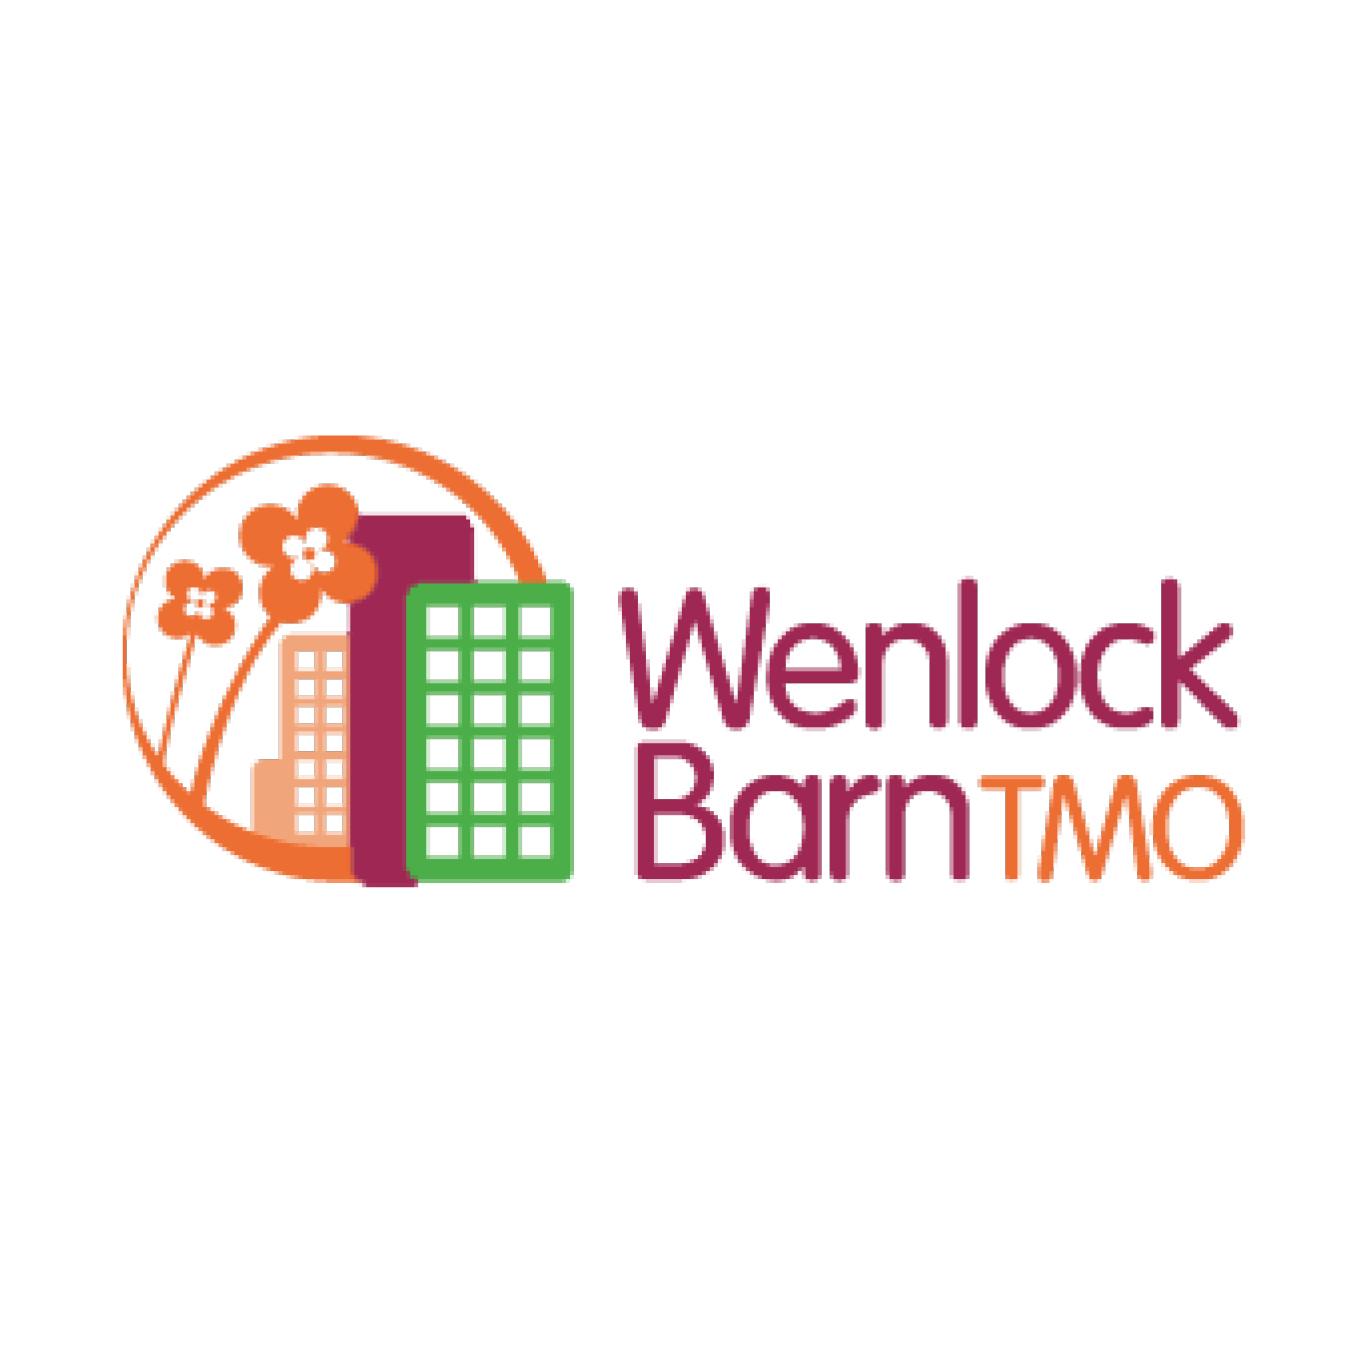 Wenlock Barn TMO